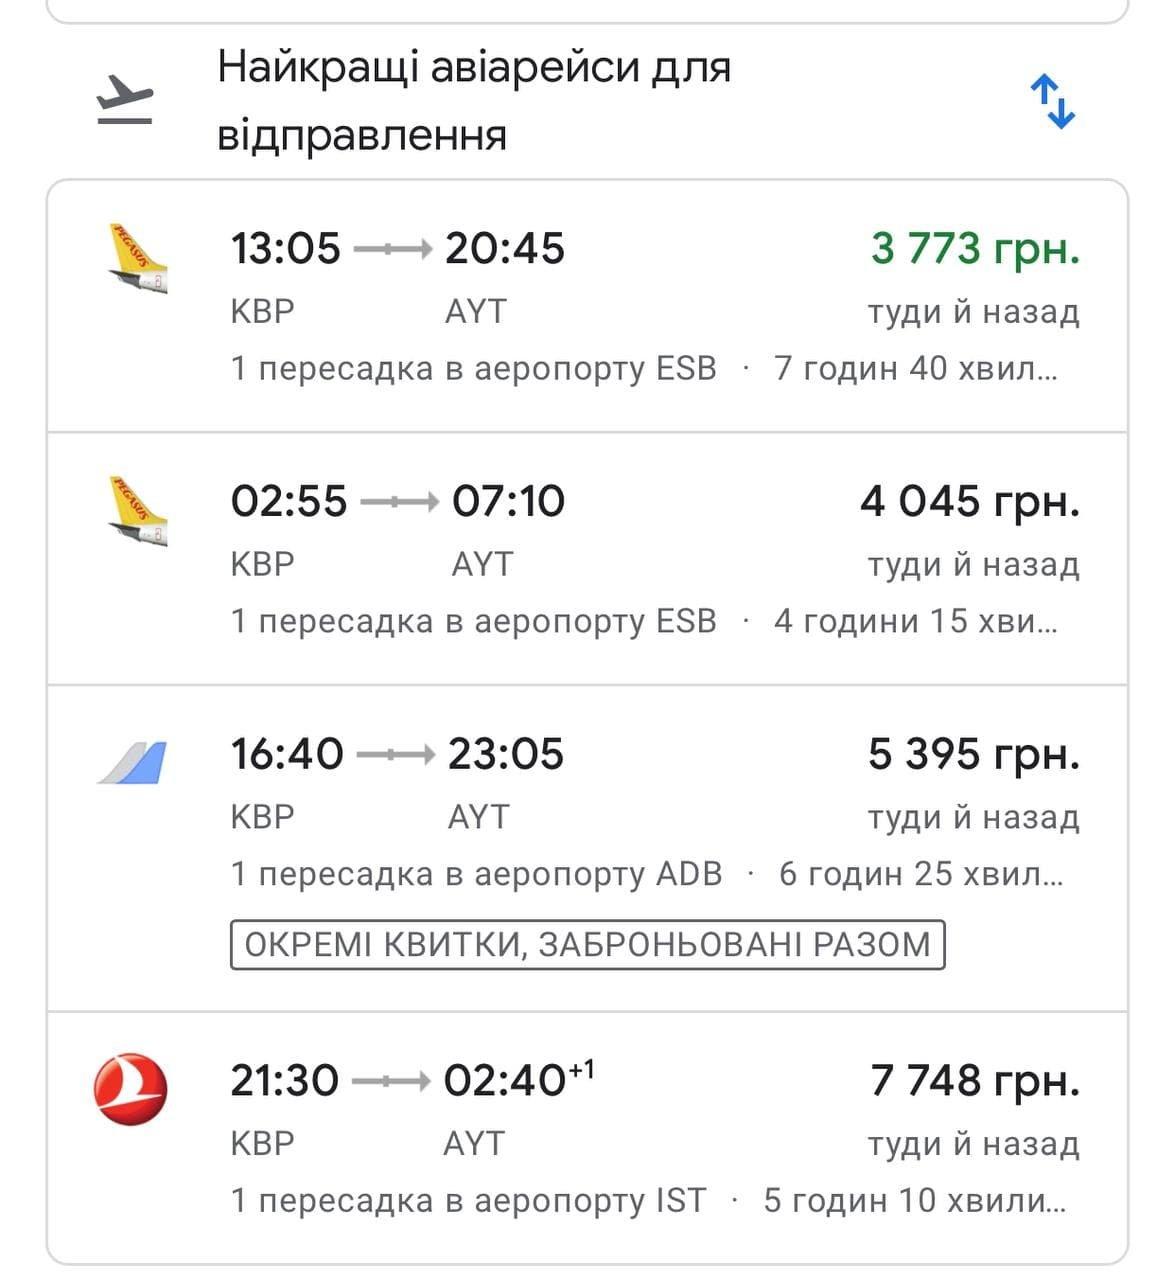 Цены на билет из Киева в Анталию в других авиакомпаниях